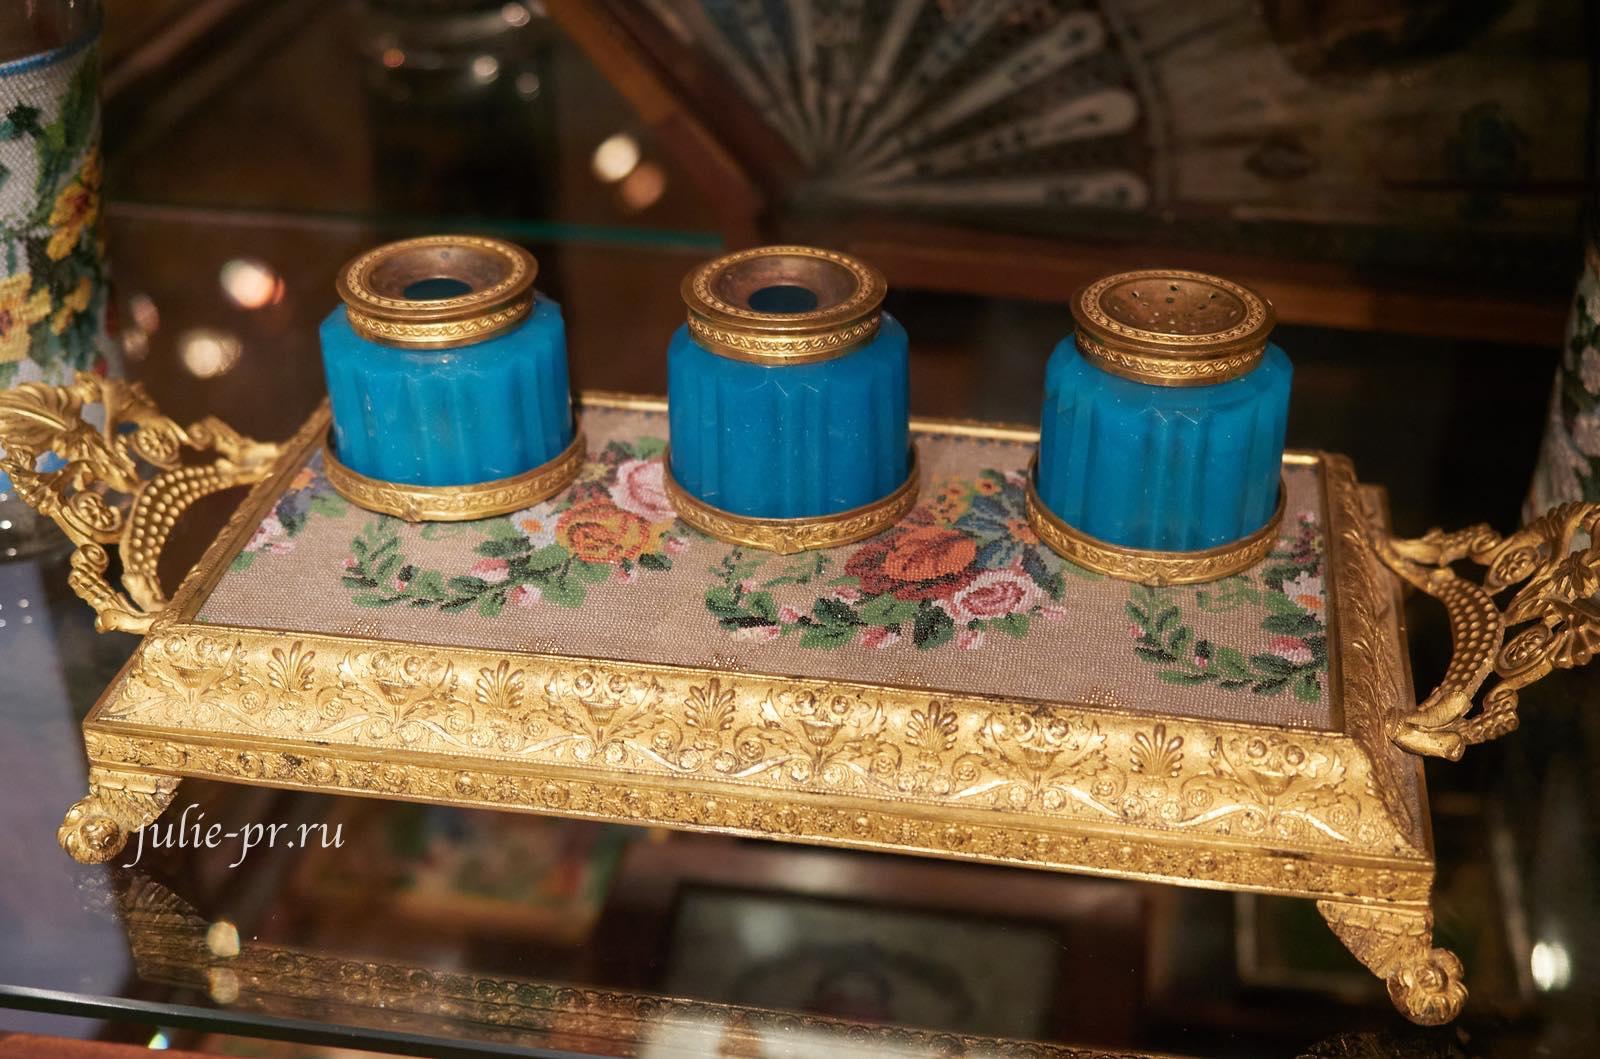 Подставка для чернильного набора, 1820-е — 1830-е гг, Россия, вышивка бисером, музей Тропинина, выставка Старинные вышивки